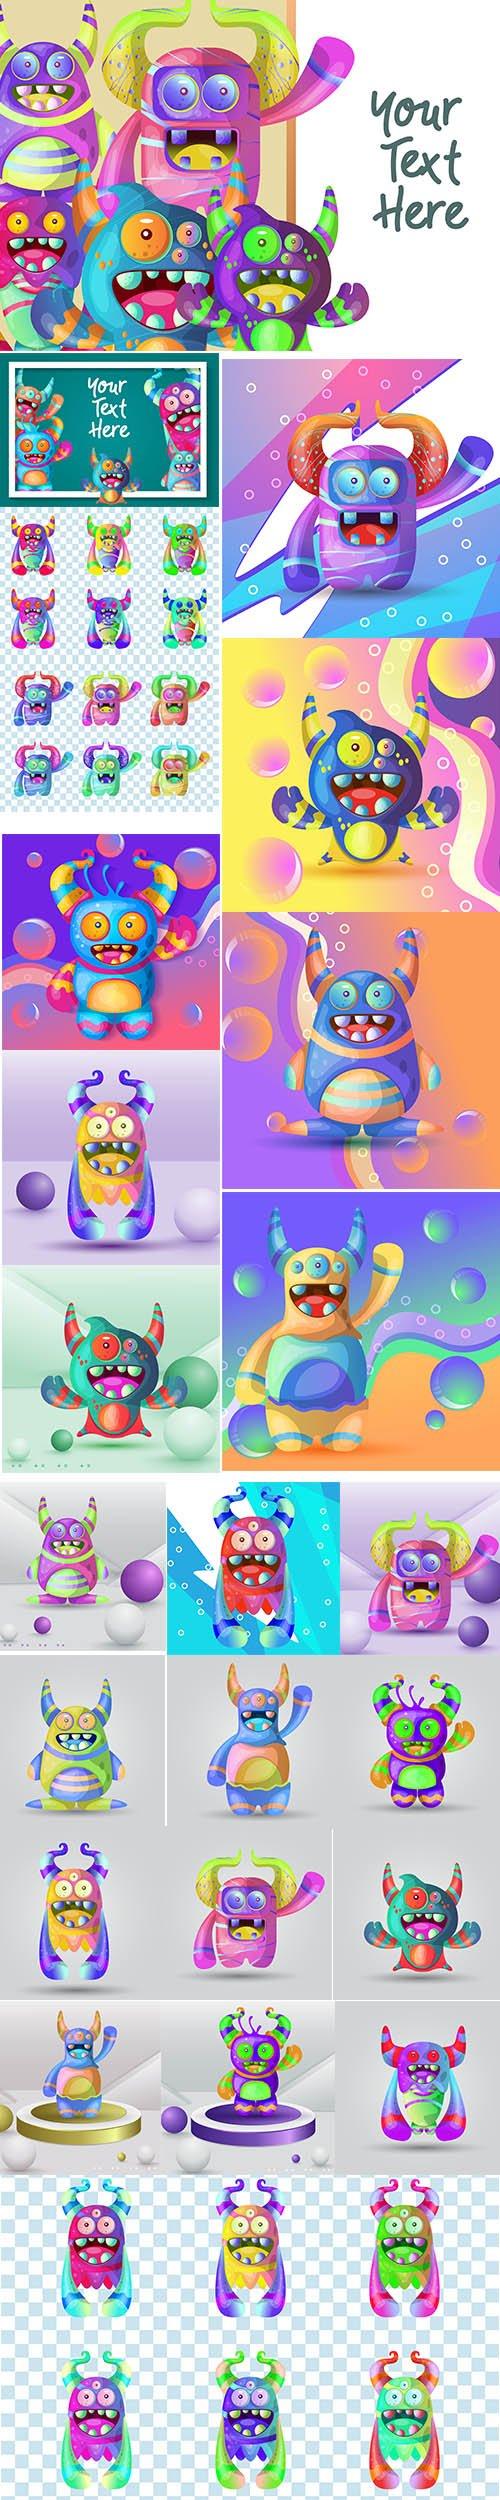 Set of Cute Cartoon Monster Illustrations